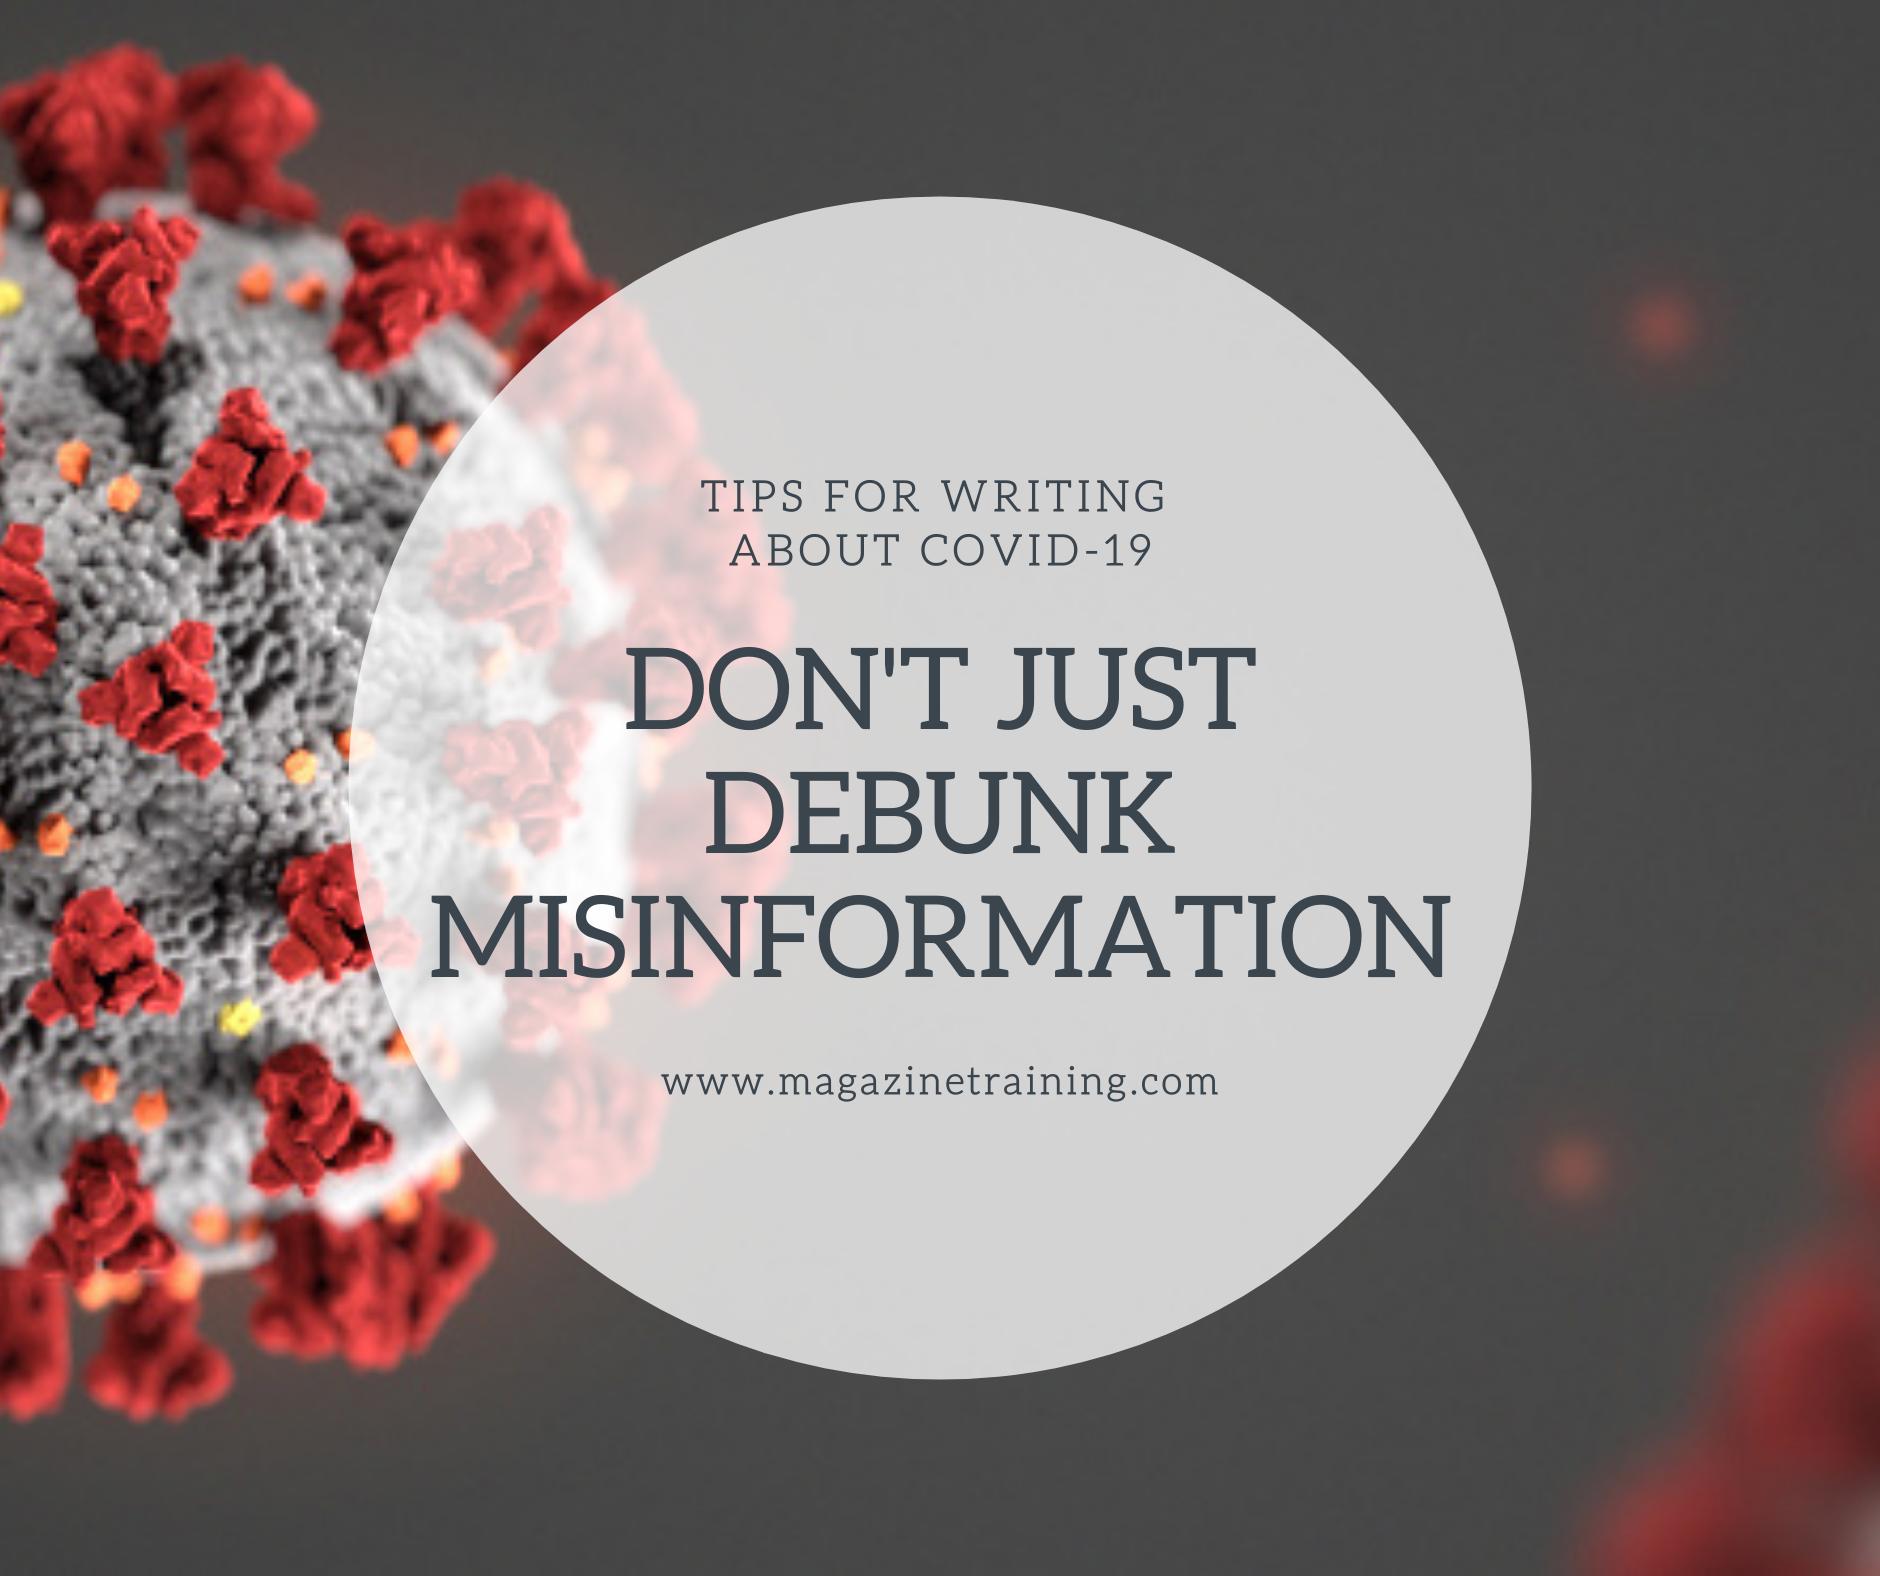 debunk misinformation